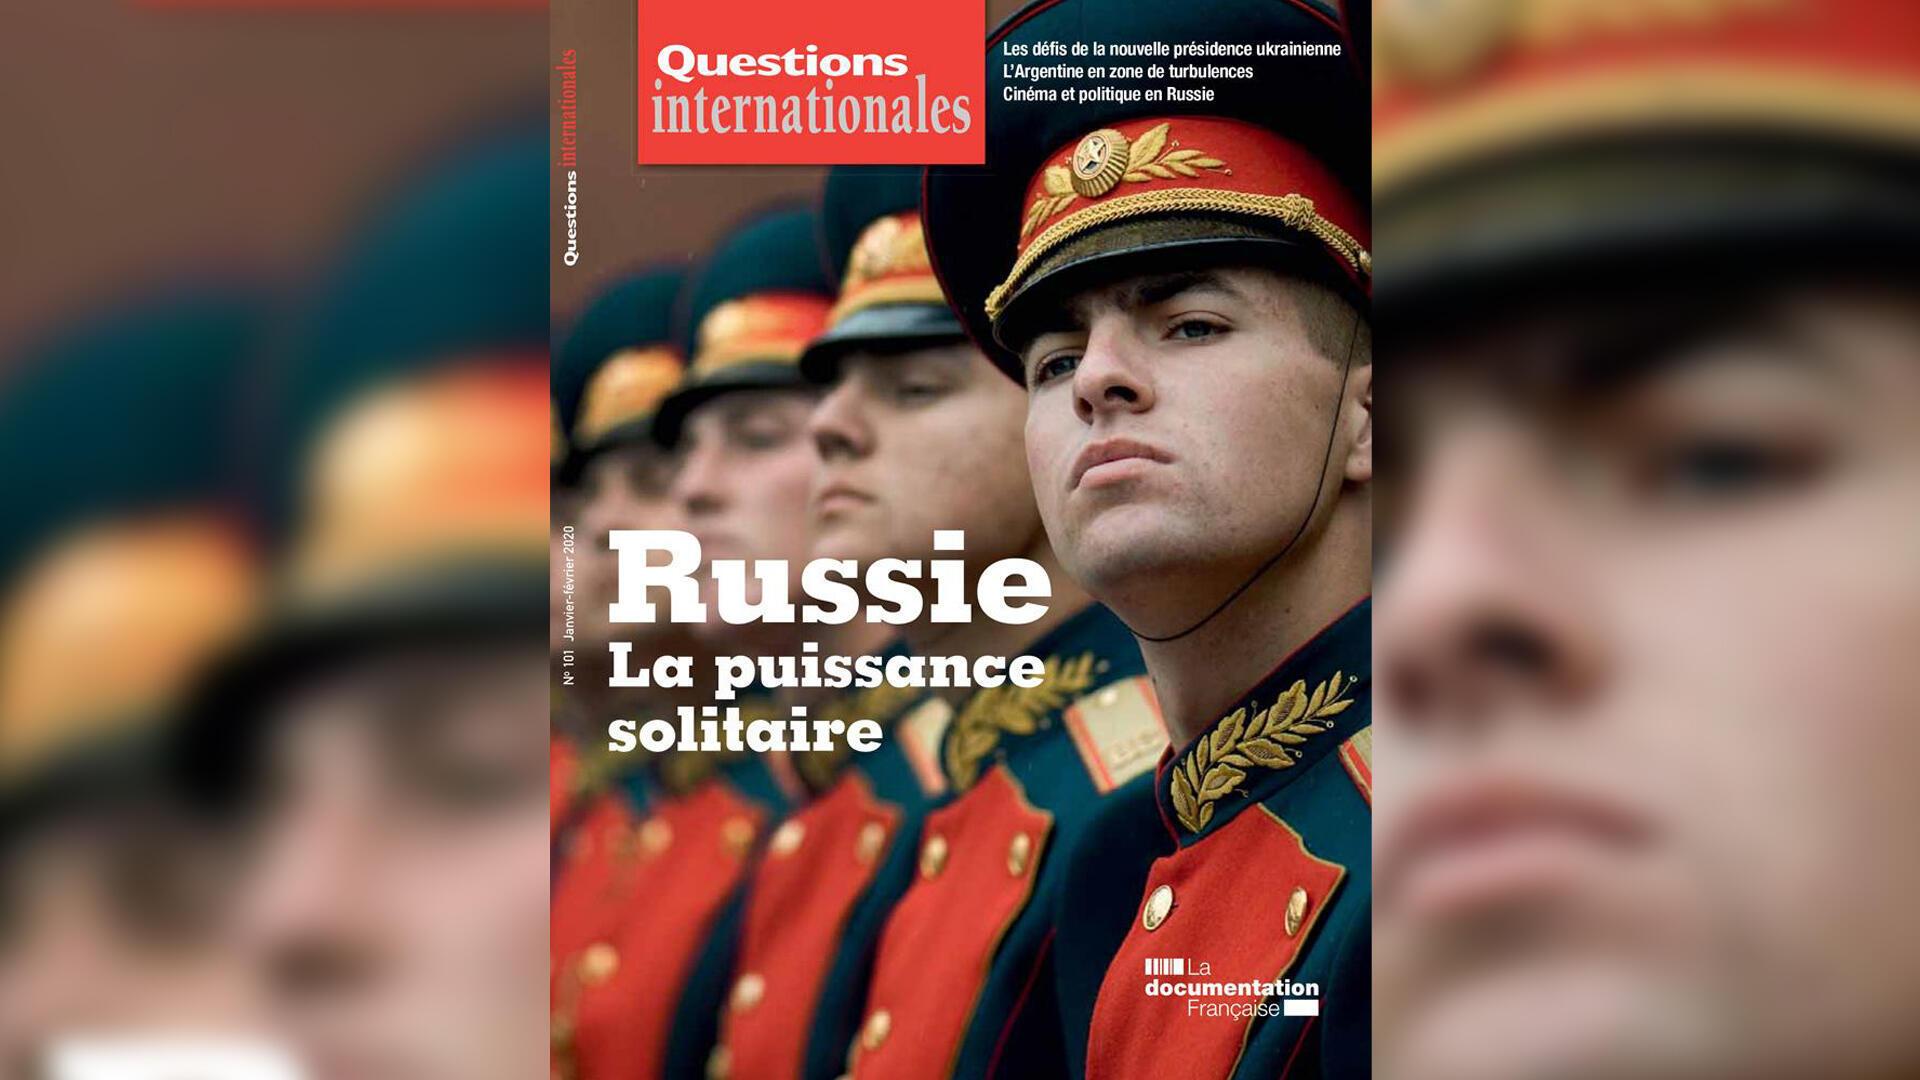 Couverture de la revue «Questions internationales».